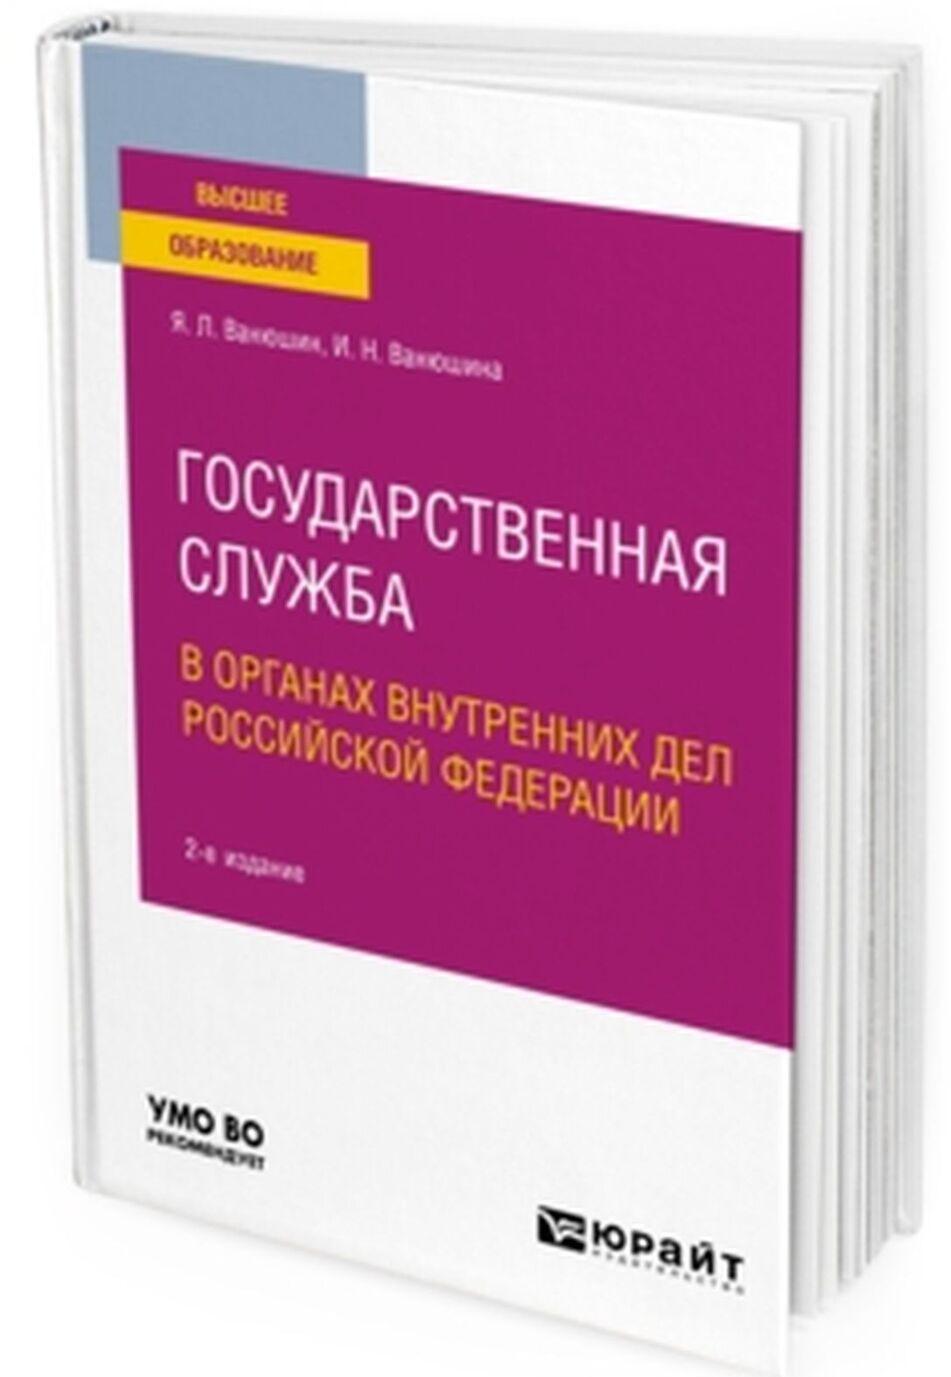 Gosudarstvennaja sluzhba v organakh vnutrennikh del Rossijskoj Federatsii. Uchebnoe posobie dlja vuzov